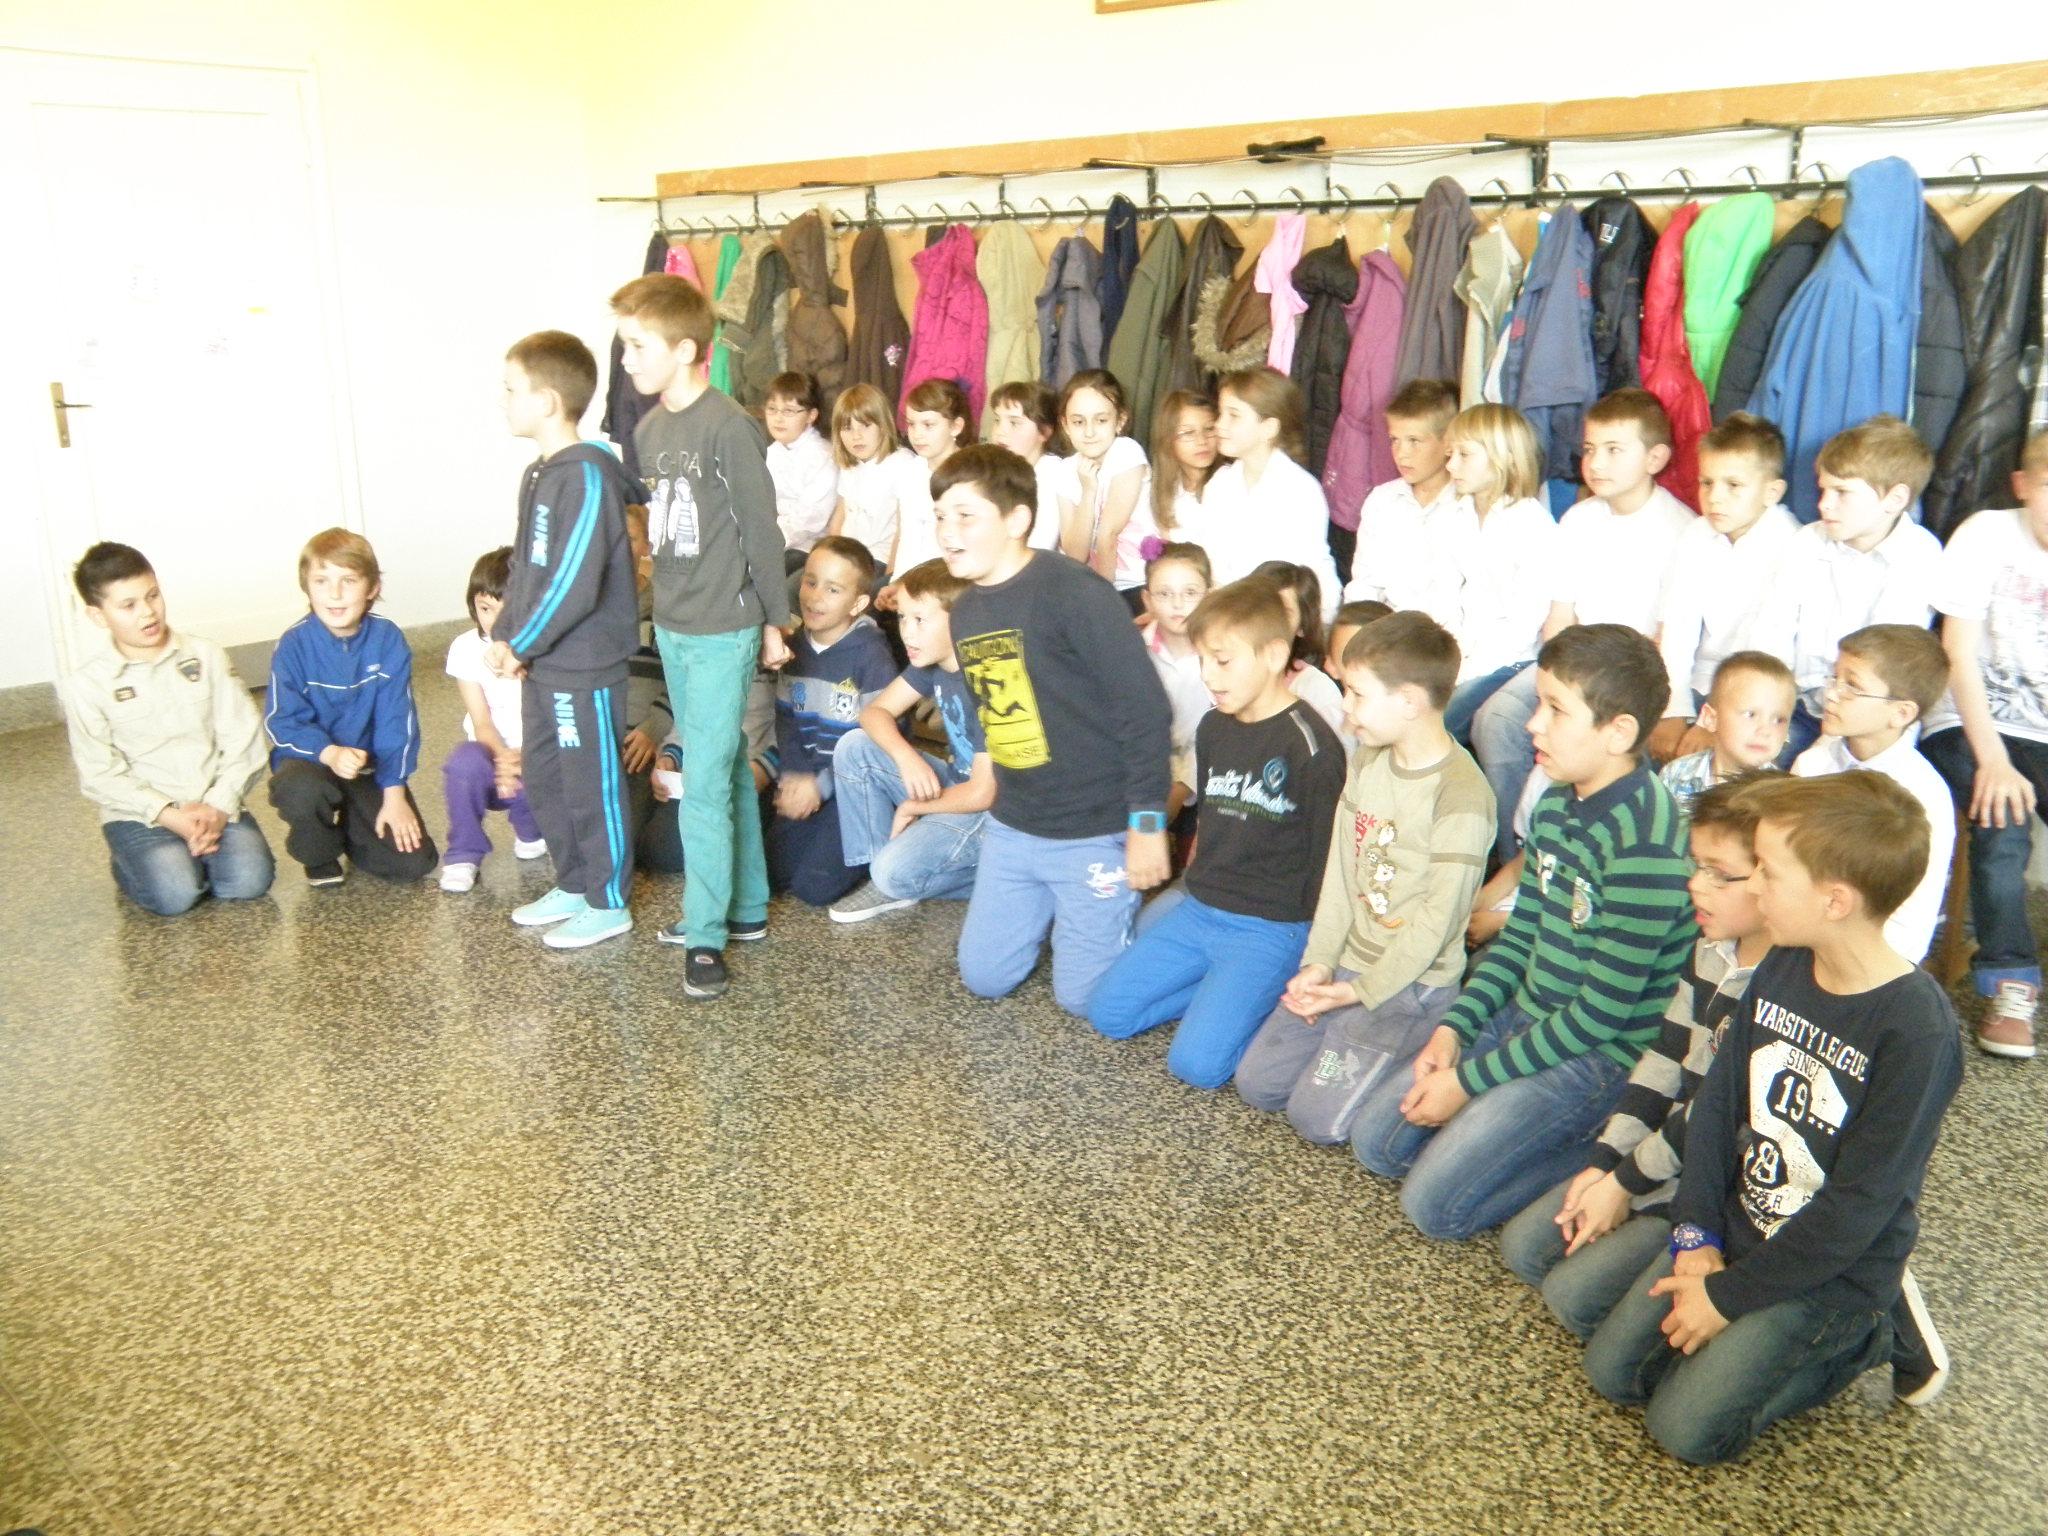 Osnovna Skola Ivan Mestrovic Vrpolje Stari Perkovci